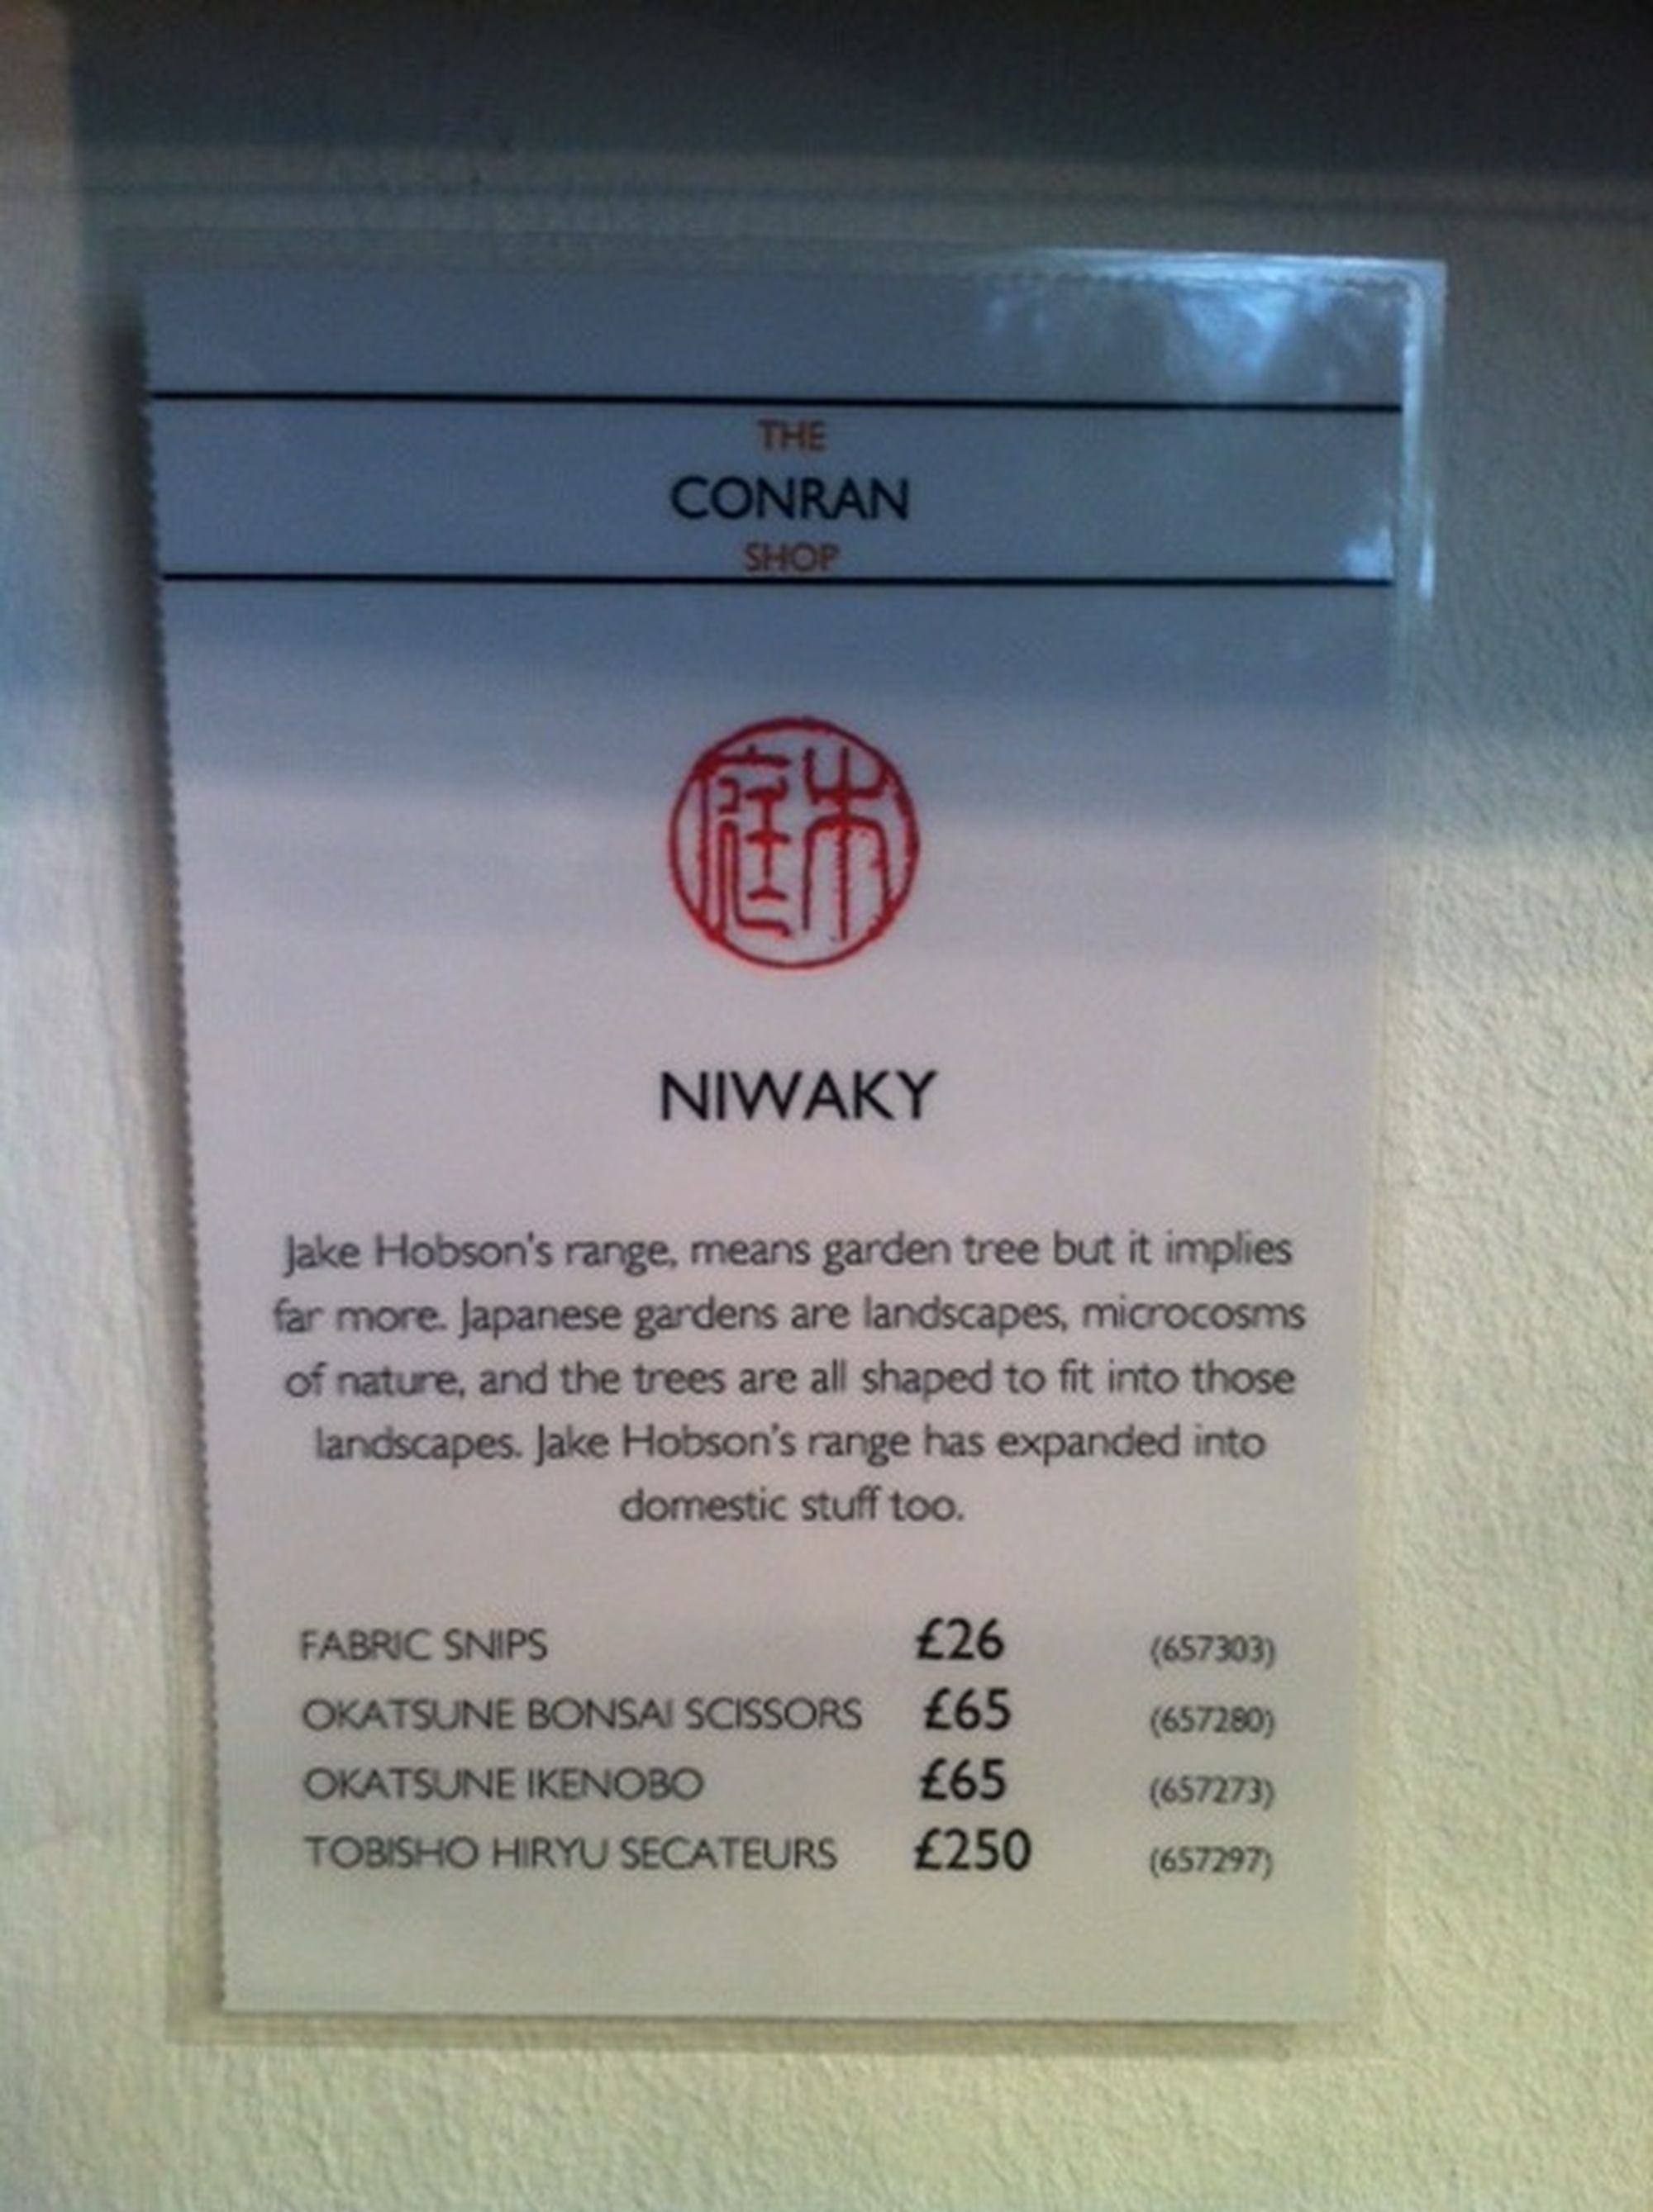 niwaki meets conran